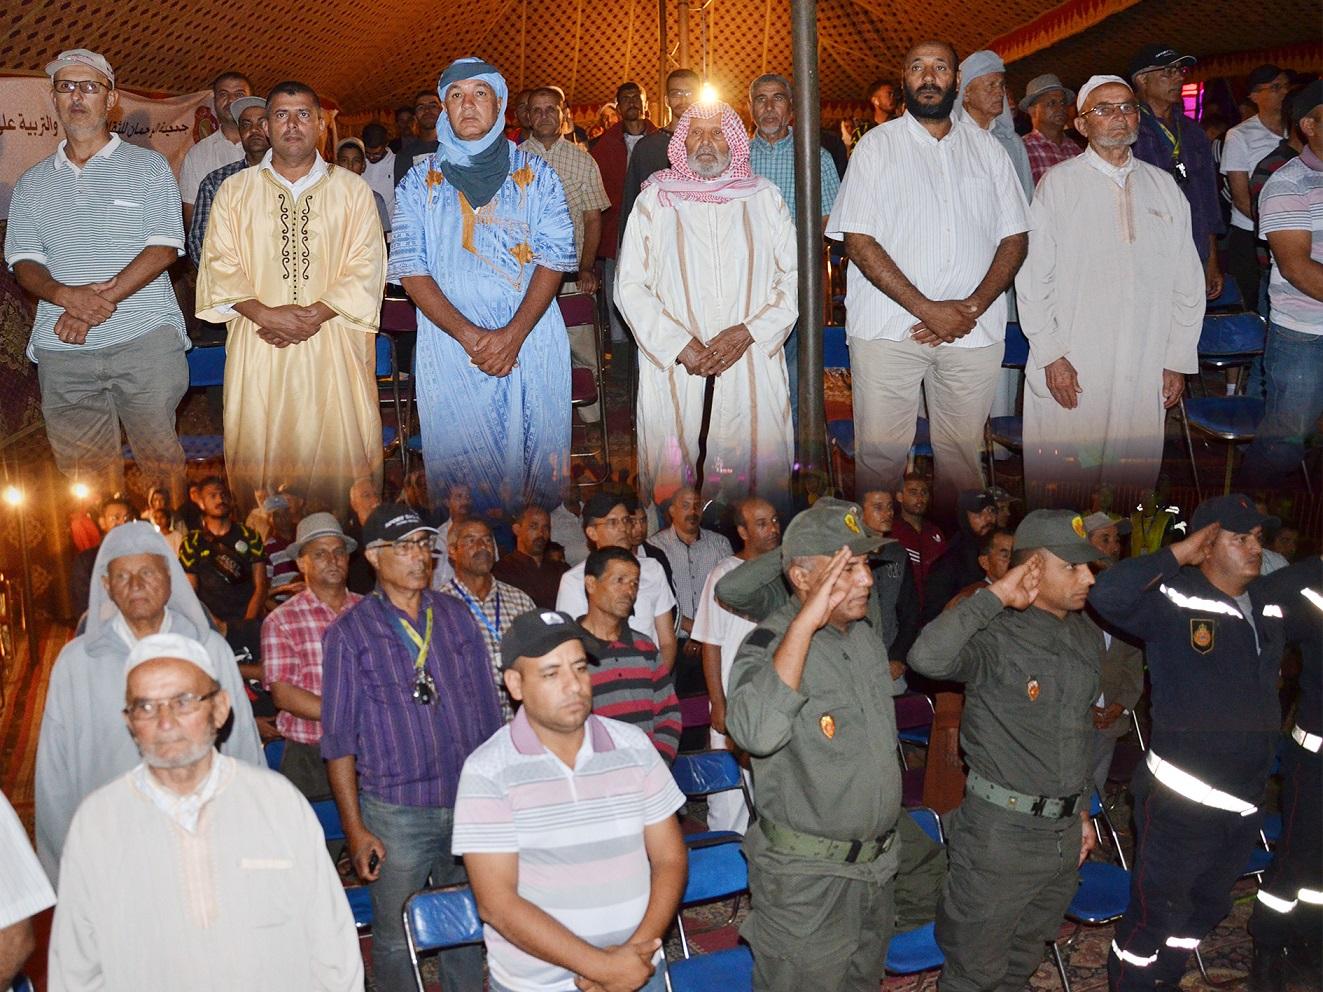 هكذا تتبع سكان العالم القروي الخطاب الملكي من الخيمة الرسمية لمهرجان أولاد امعمر